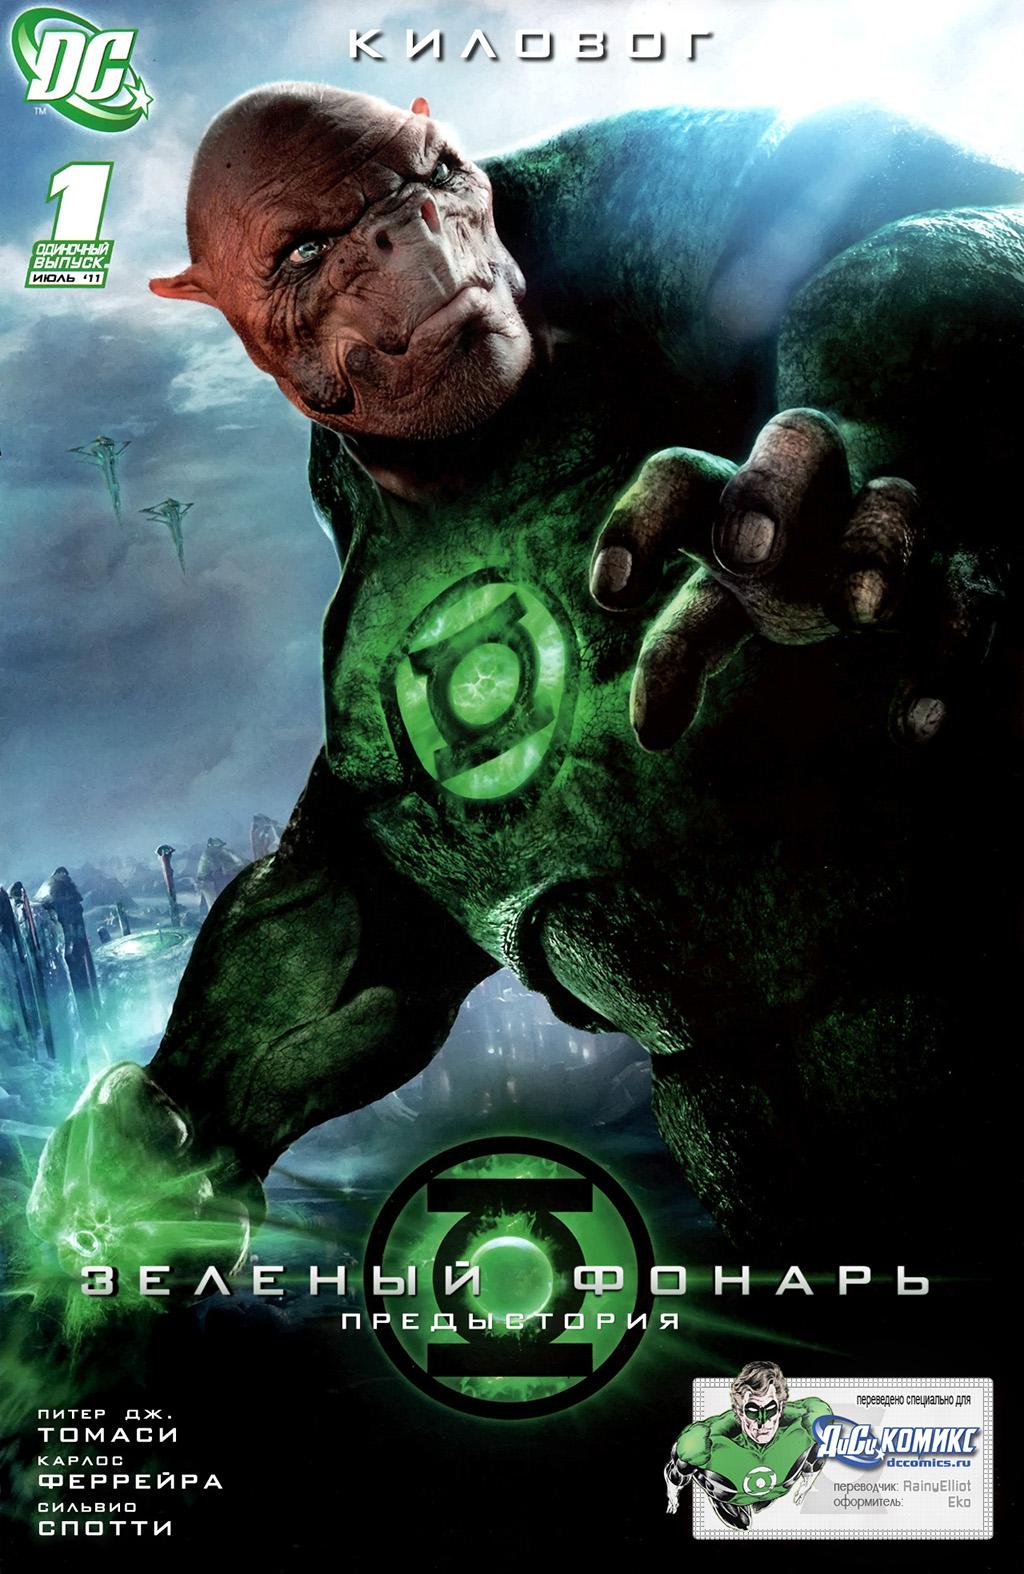 Комикс Зеленый Фонарь: Приквел к фильму